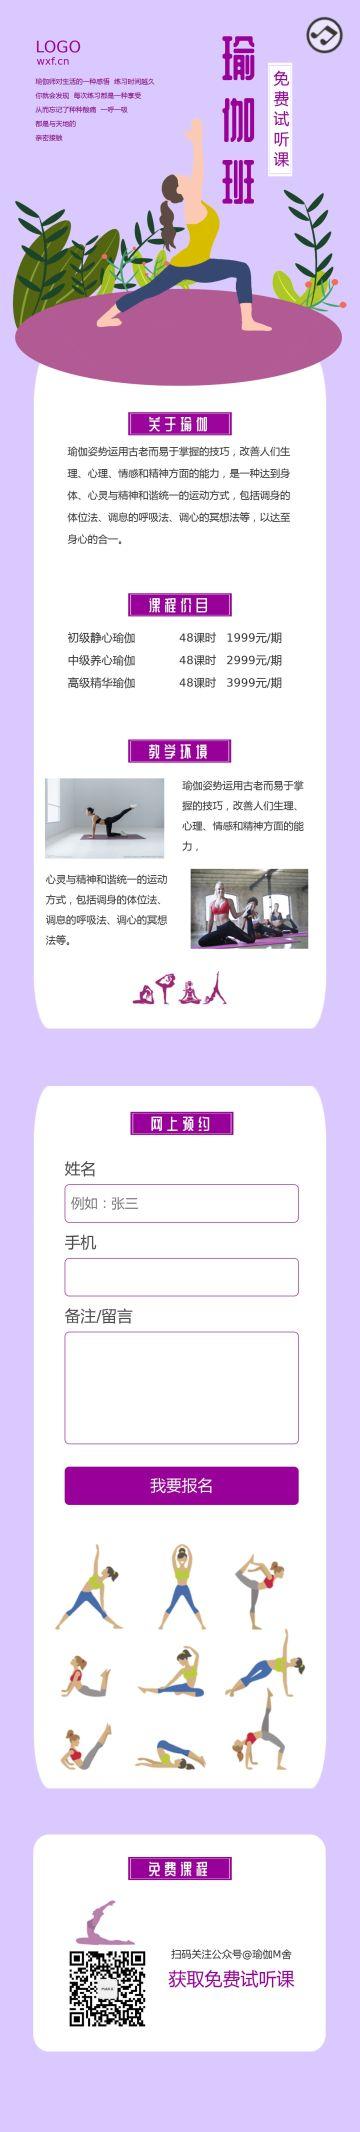 简洁时尚瑜伽培训班招生宣传单页